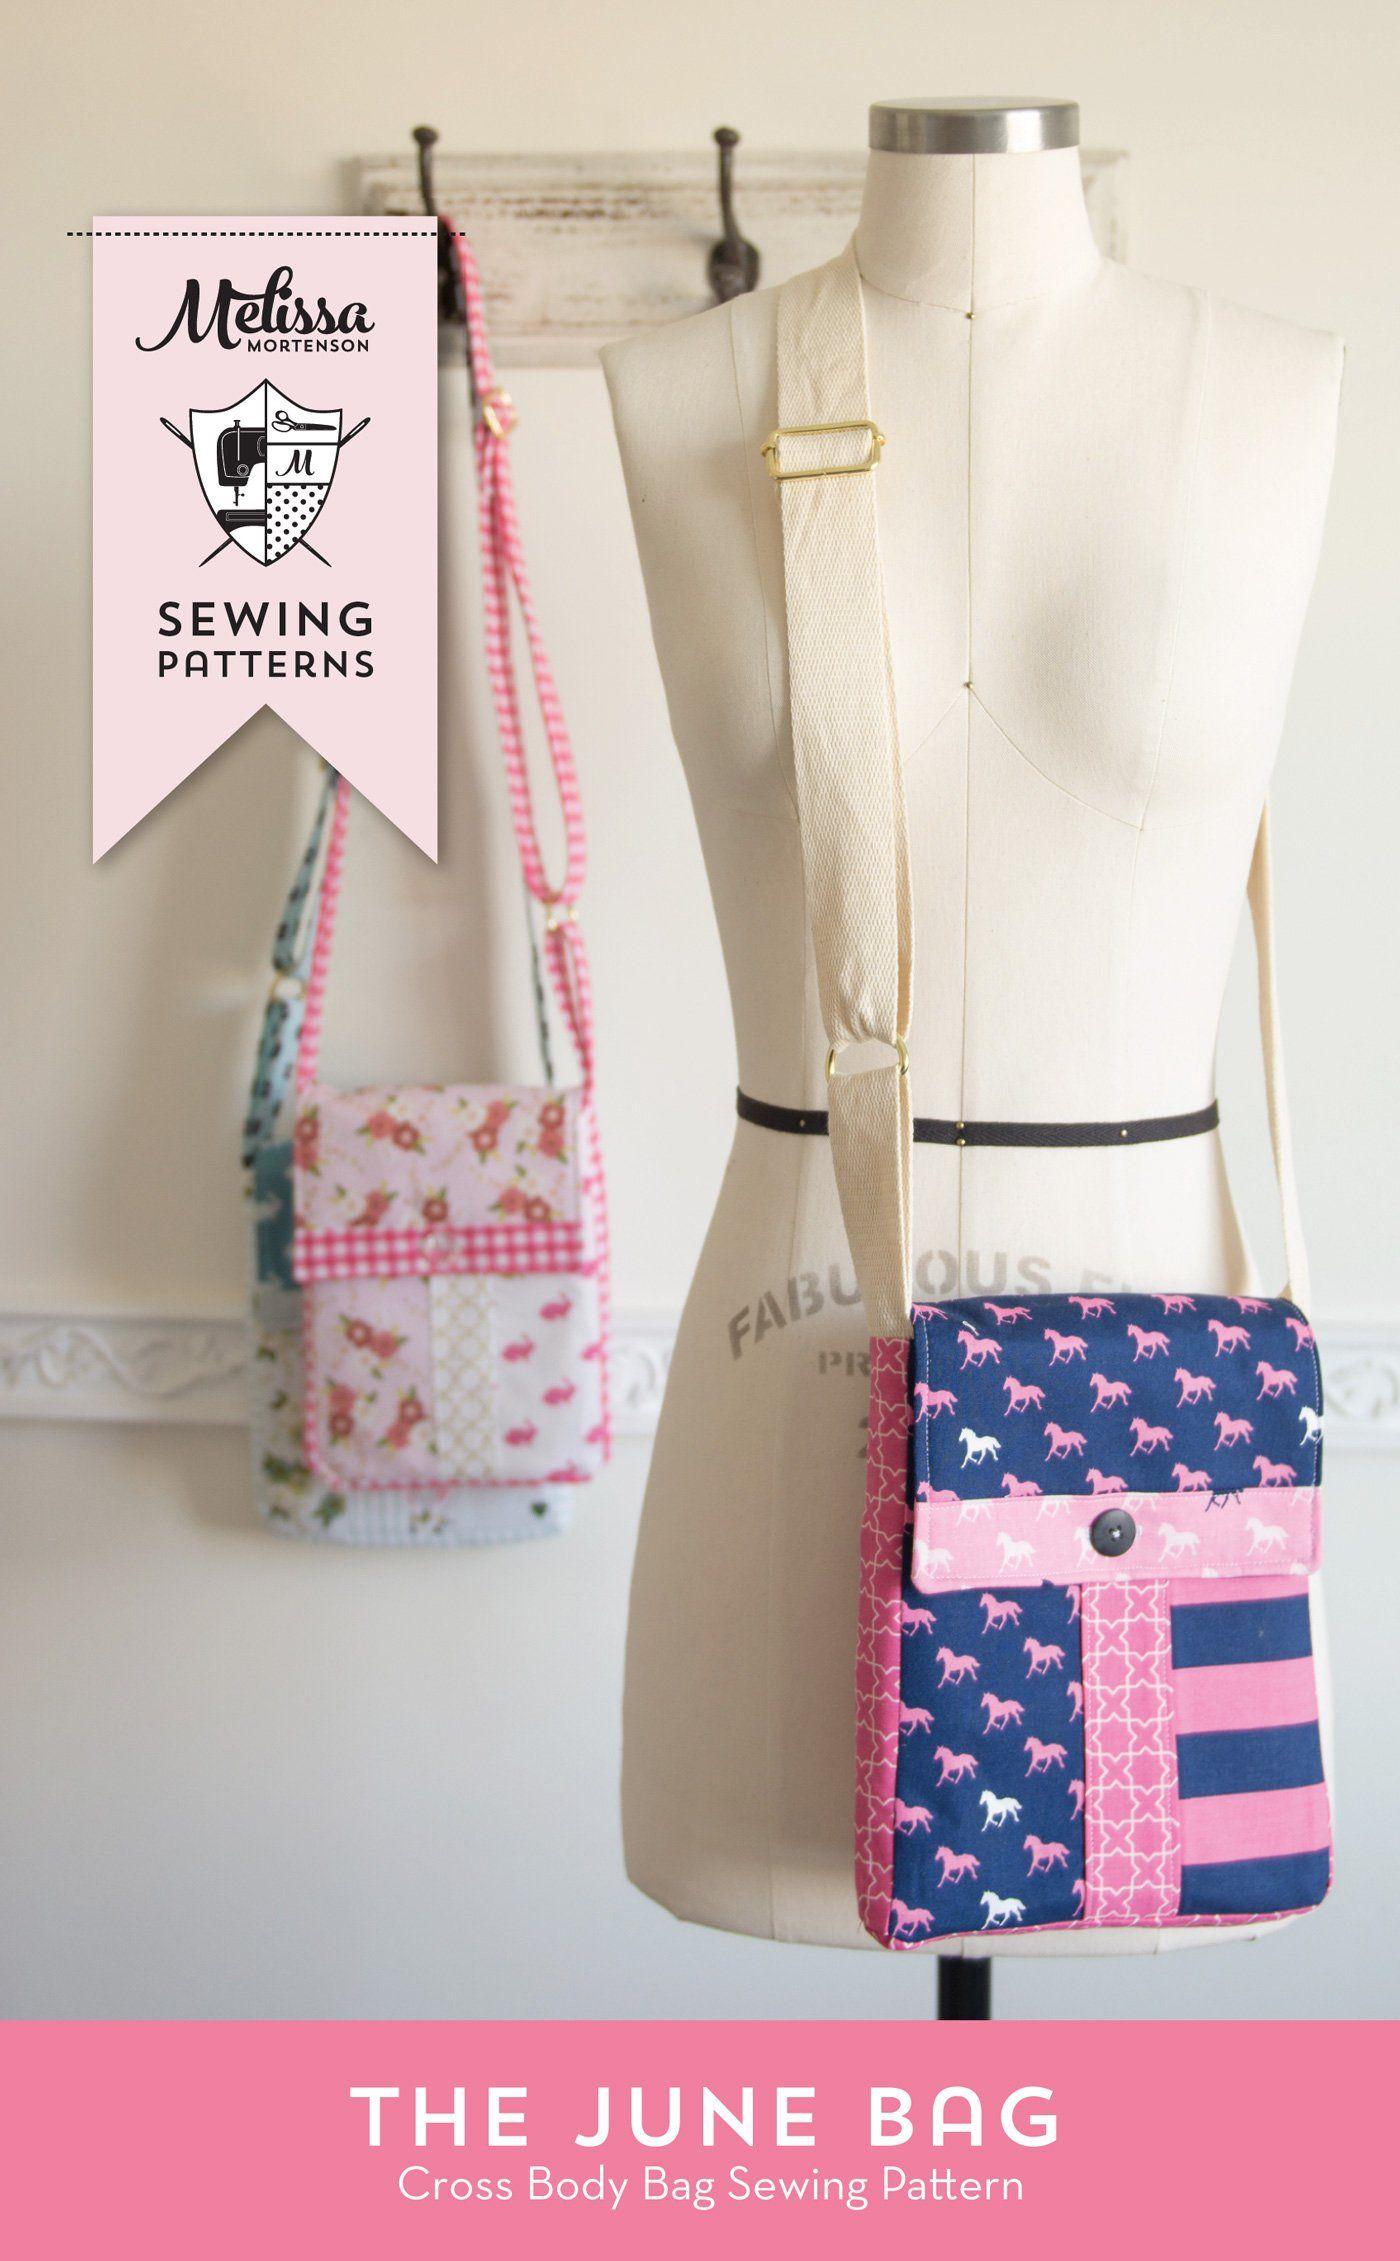 June Bag Mini Messenger Bag Sewing Pattern Pdf Bag Patterns To Sew